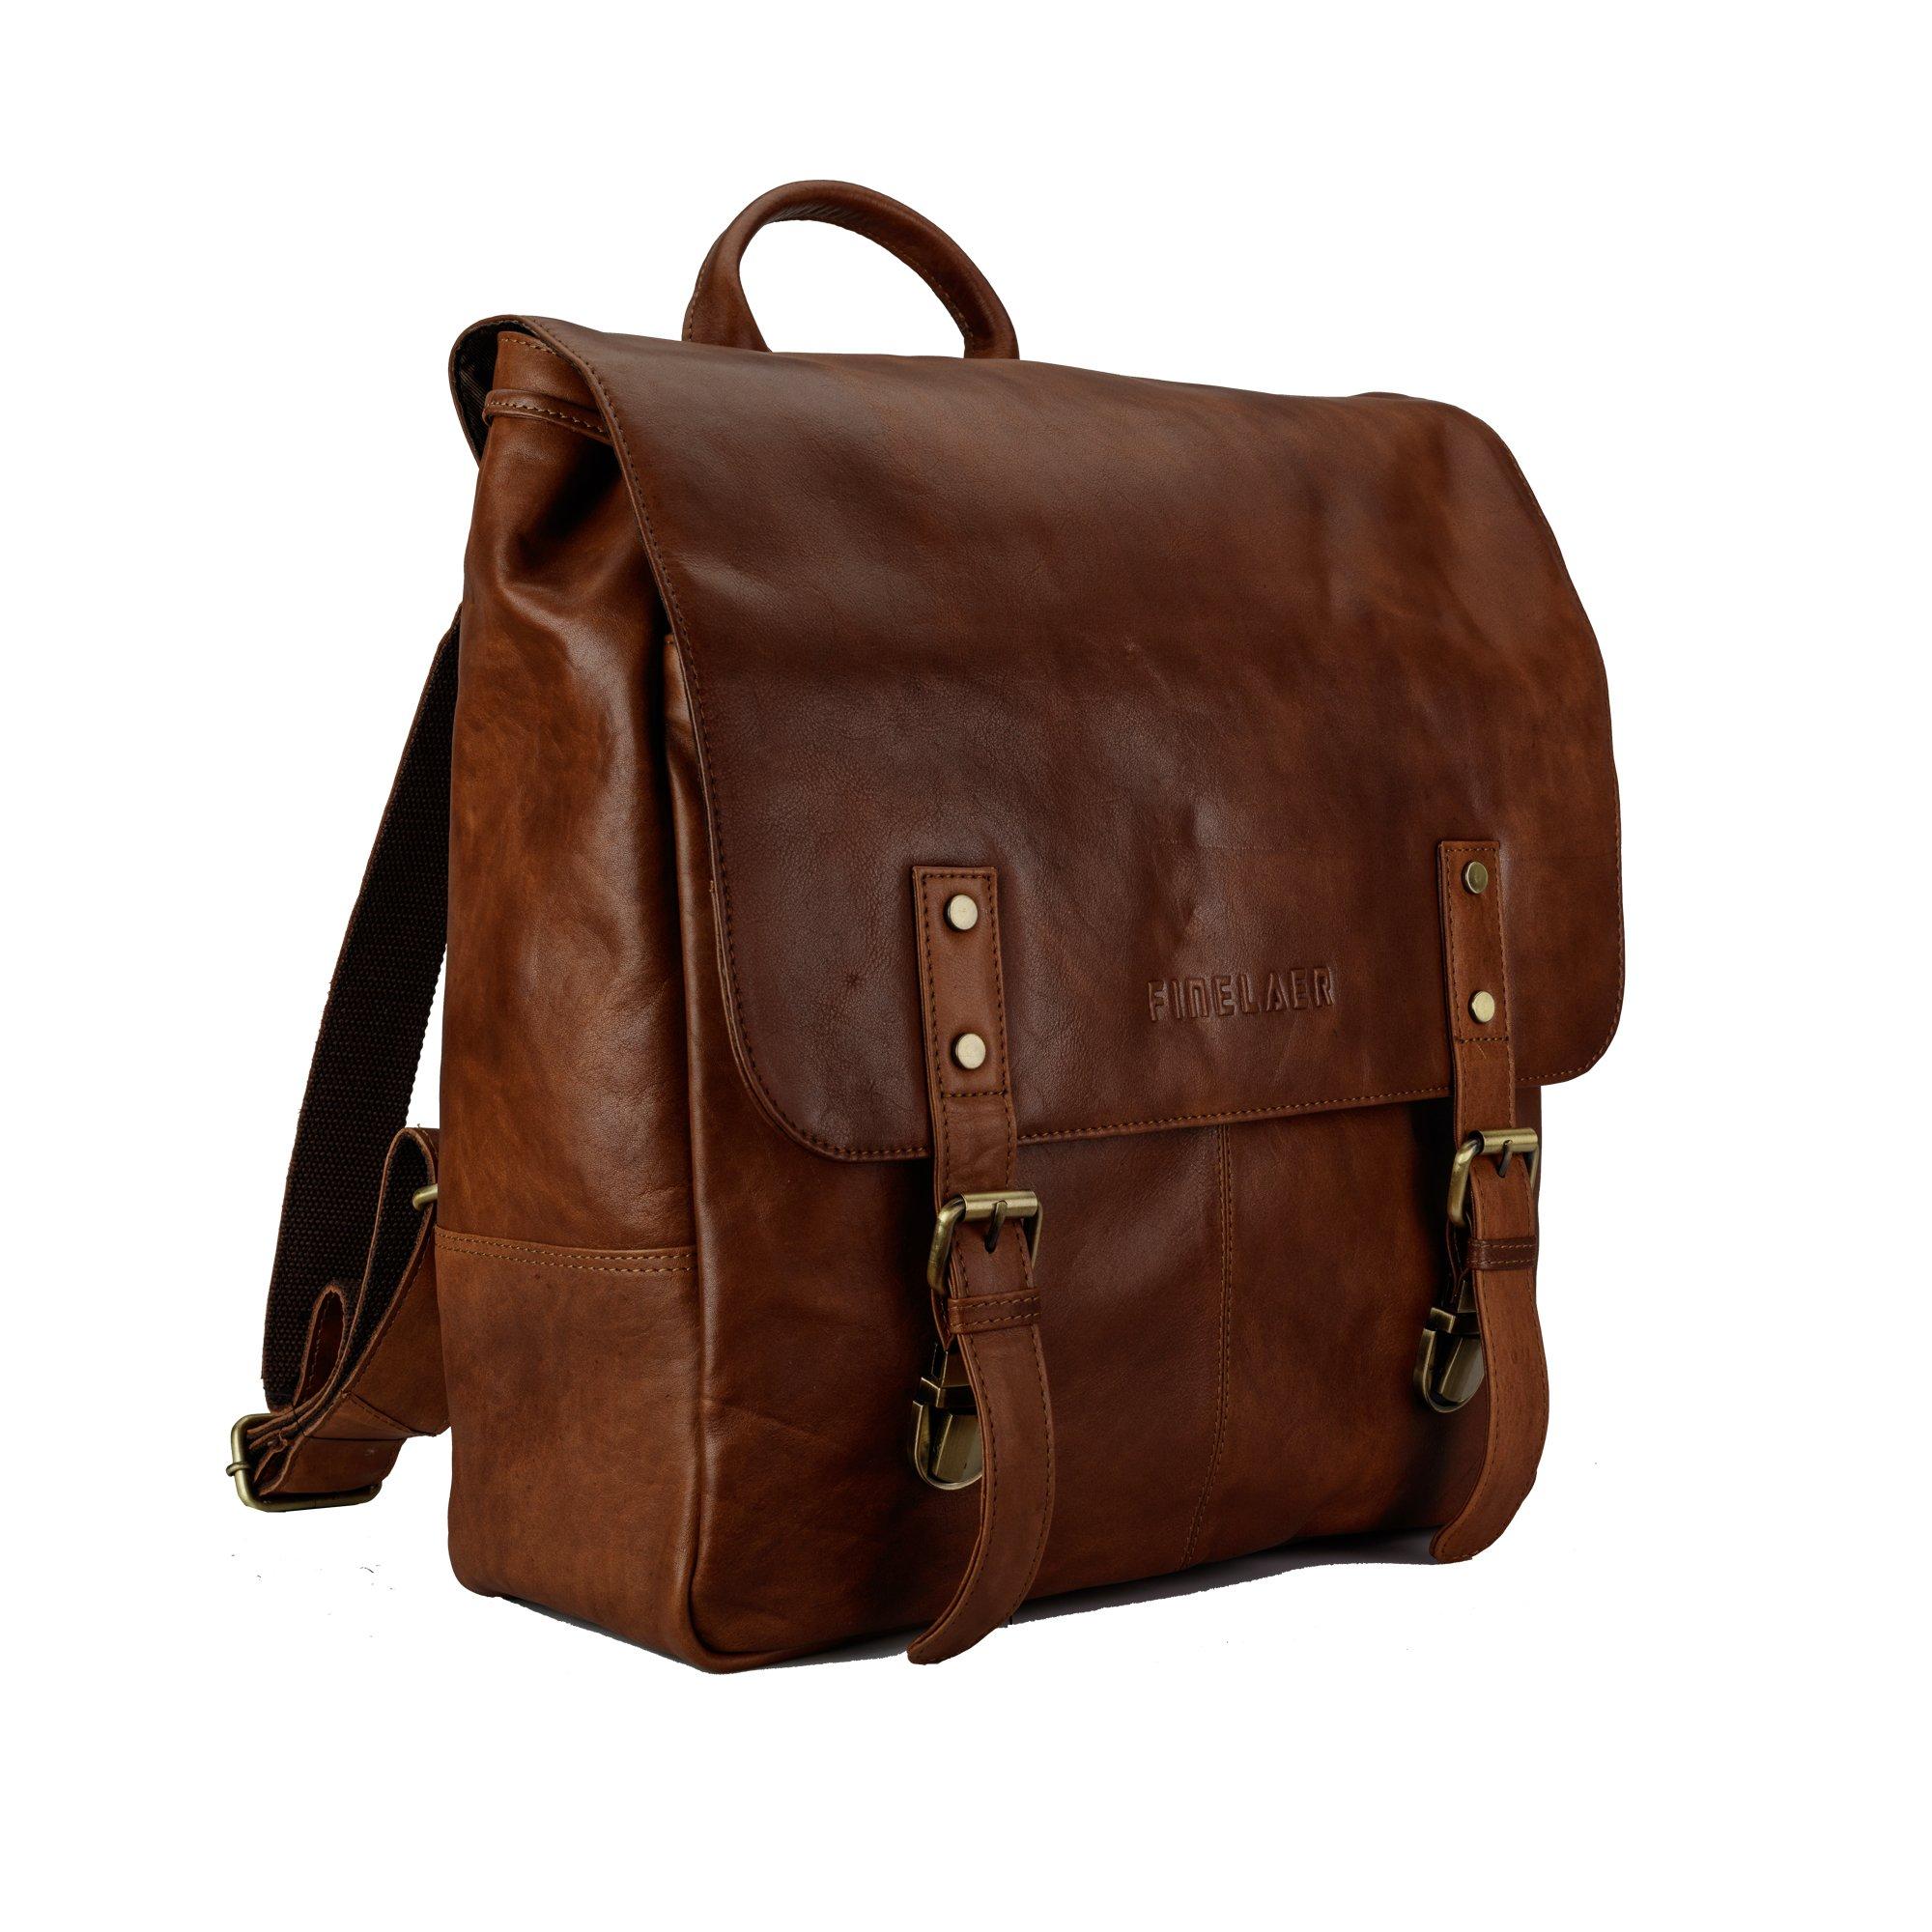 Finelaer Vintage Brown Laptop Backpack Daypack Rucksack Travel Hiking Bag Men Women by FINELAER (Image #6)